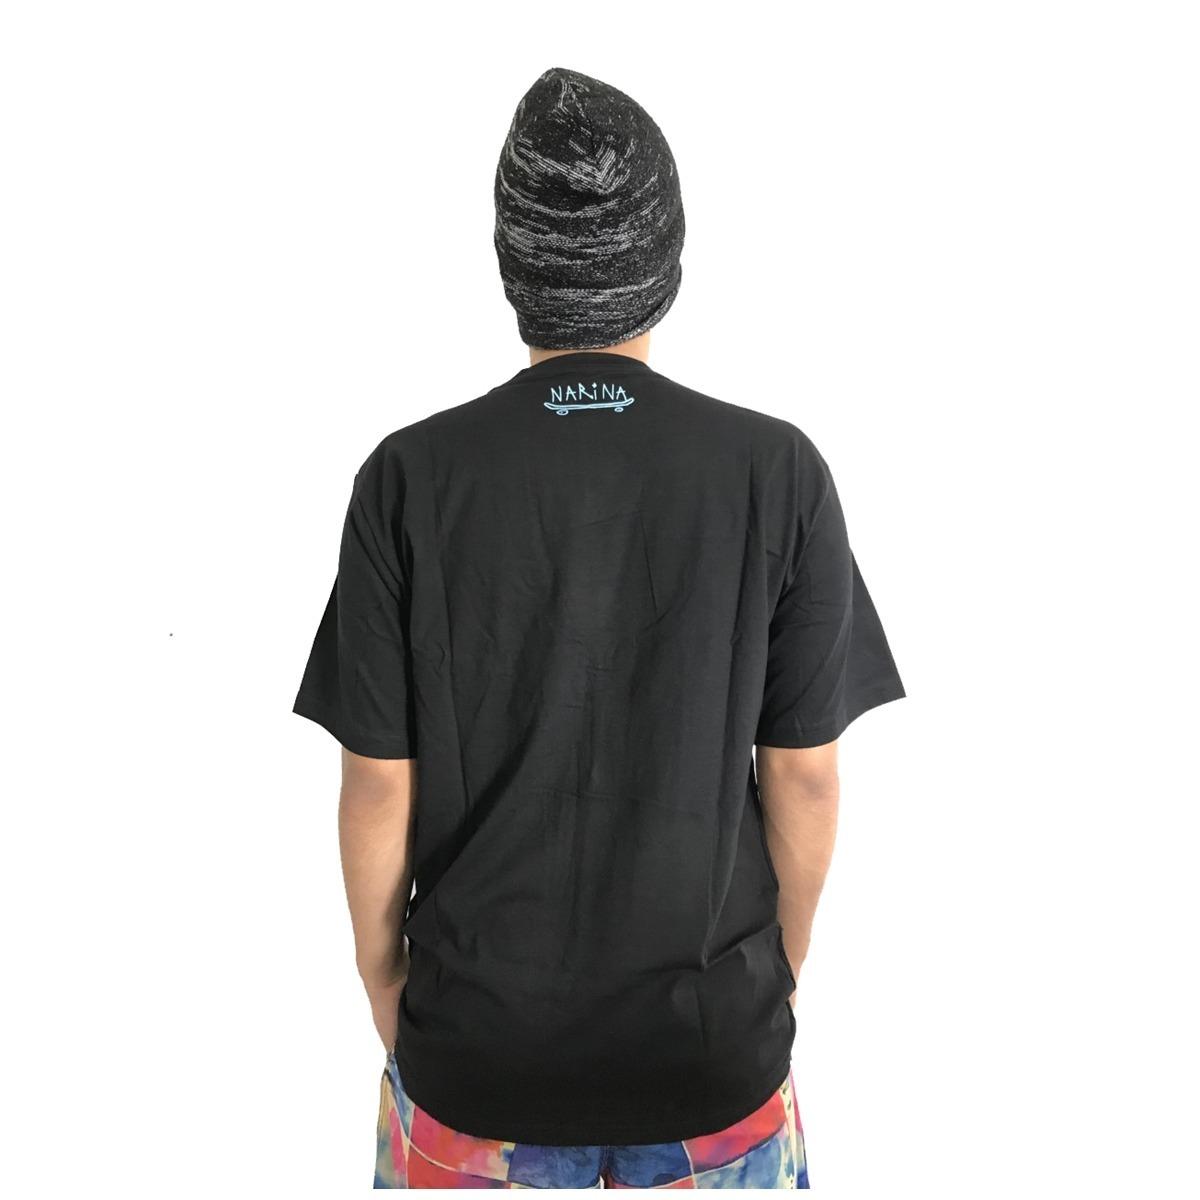 Camiseta Narina Skate Logo Riscado Preta - R  69 f3b4373834a